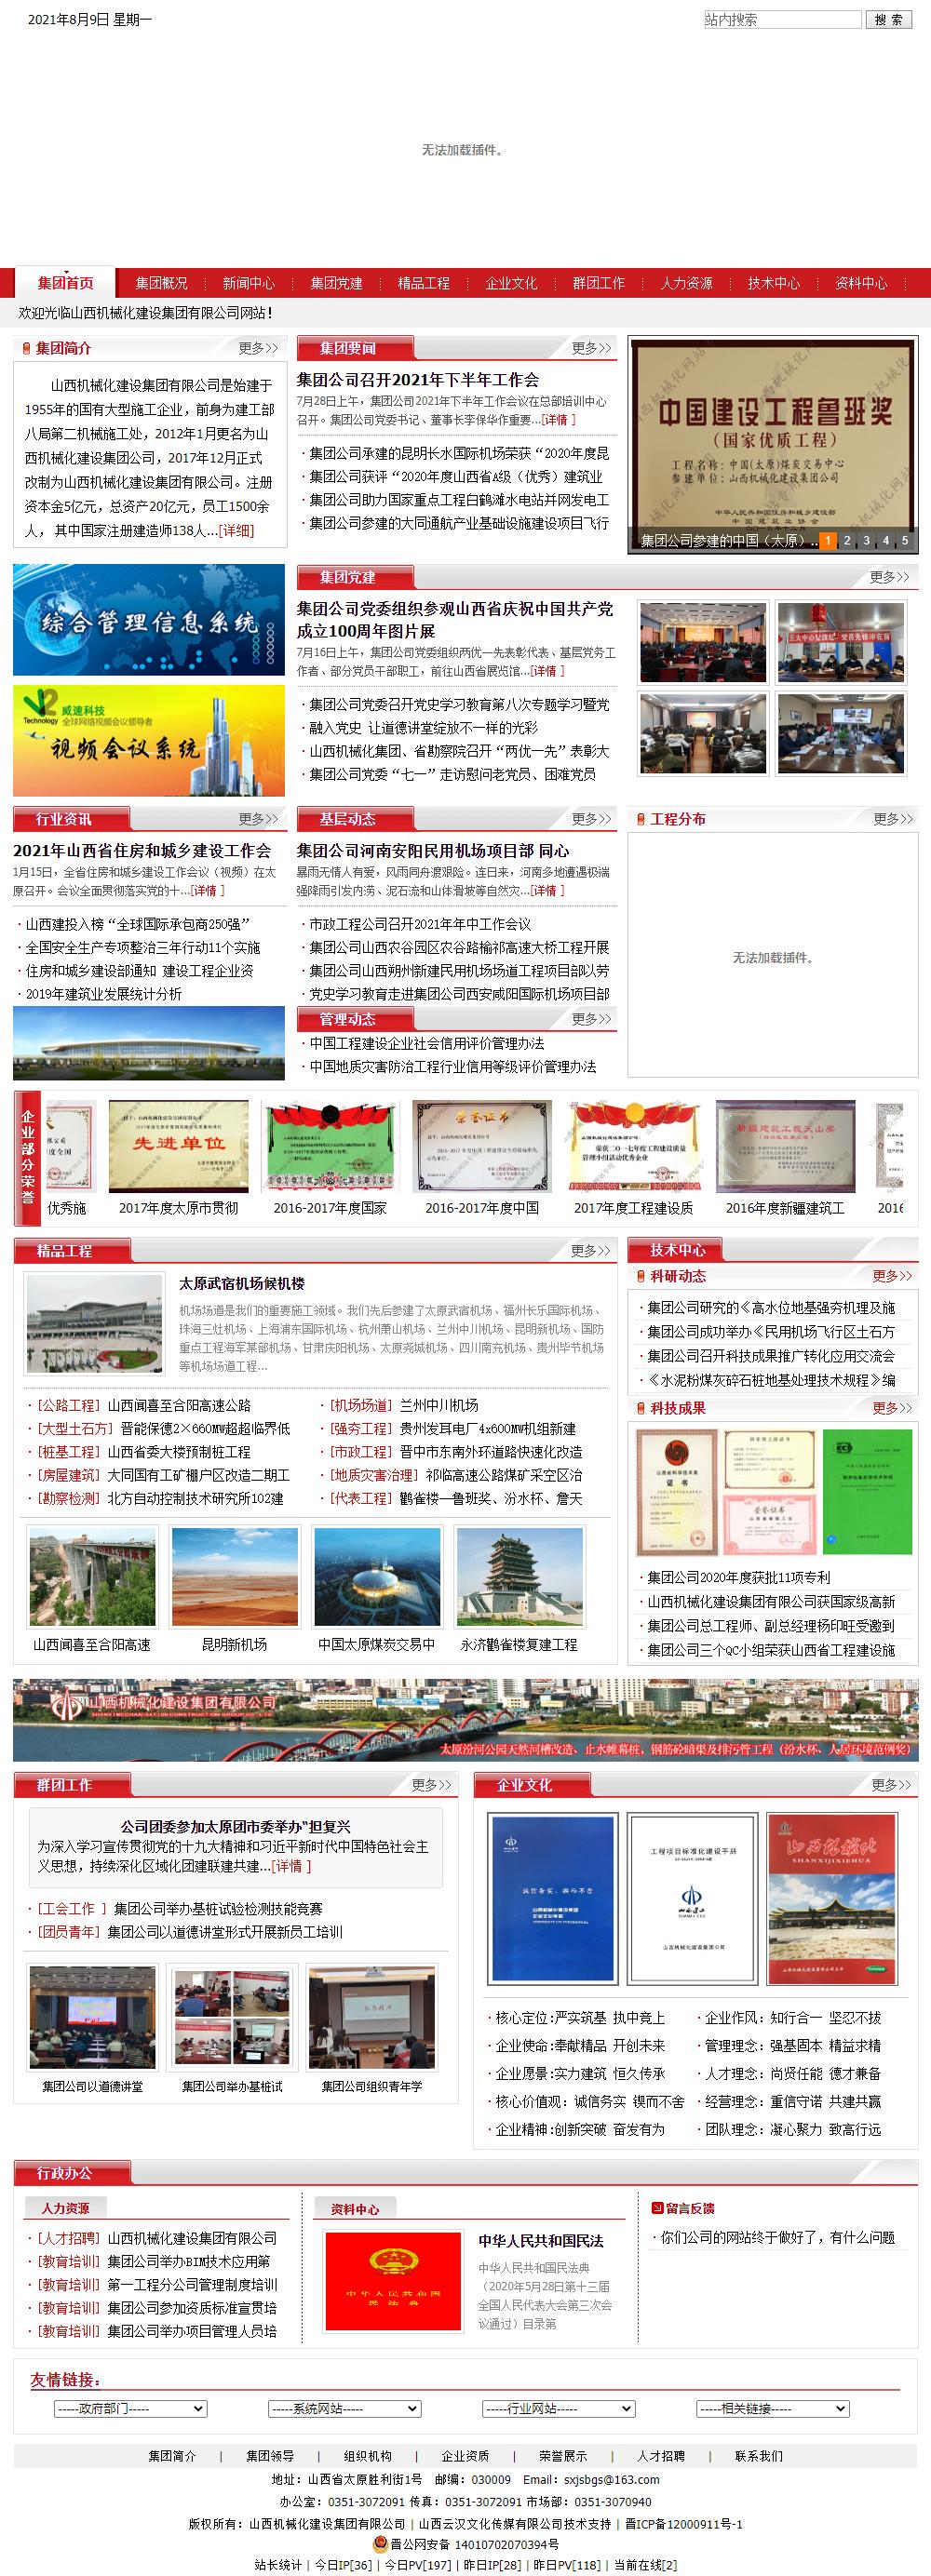 山西机械化建设集团有限公司网站案例